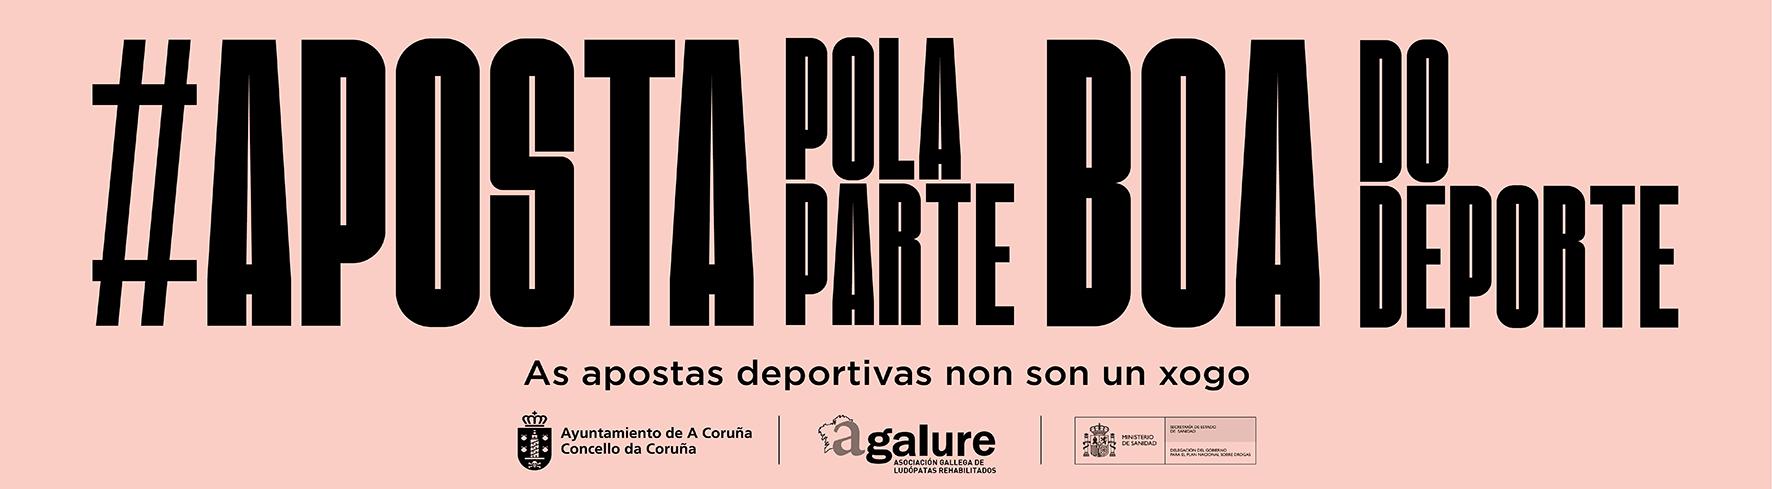 Publicidade - Concello de A Coruña - Estamos co Deporte